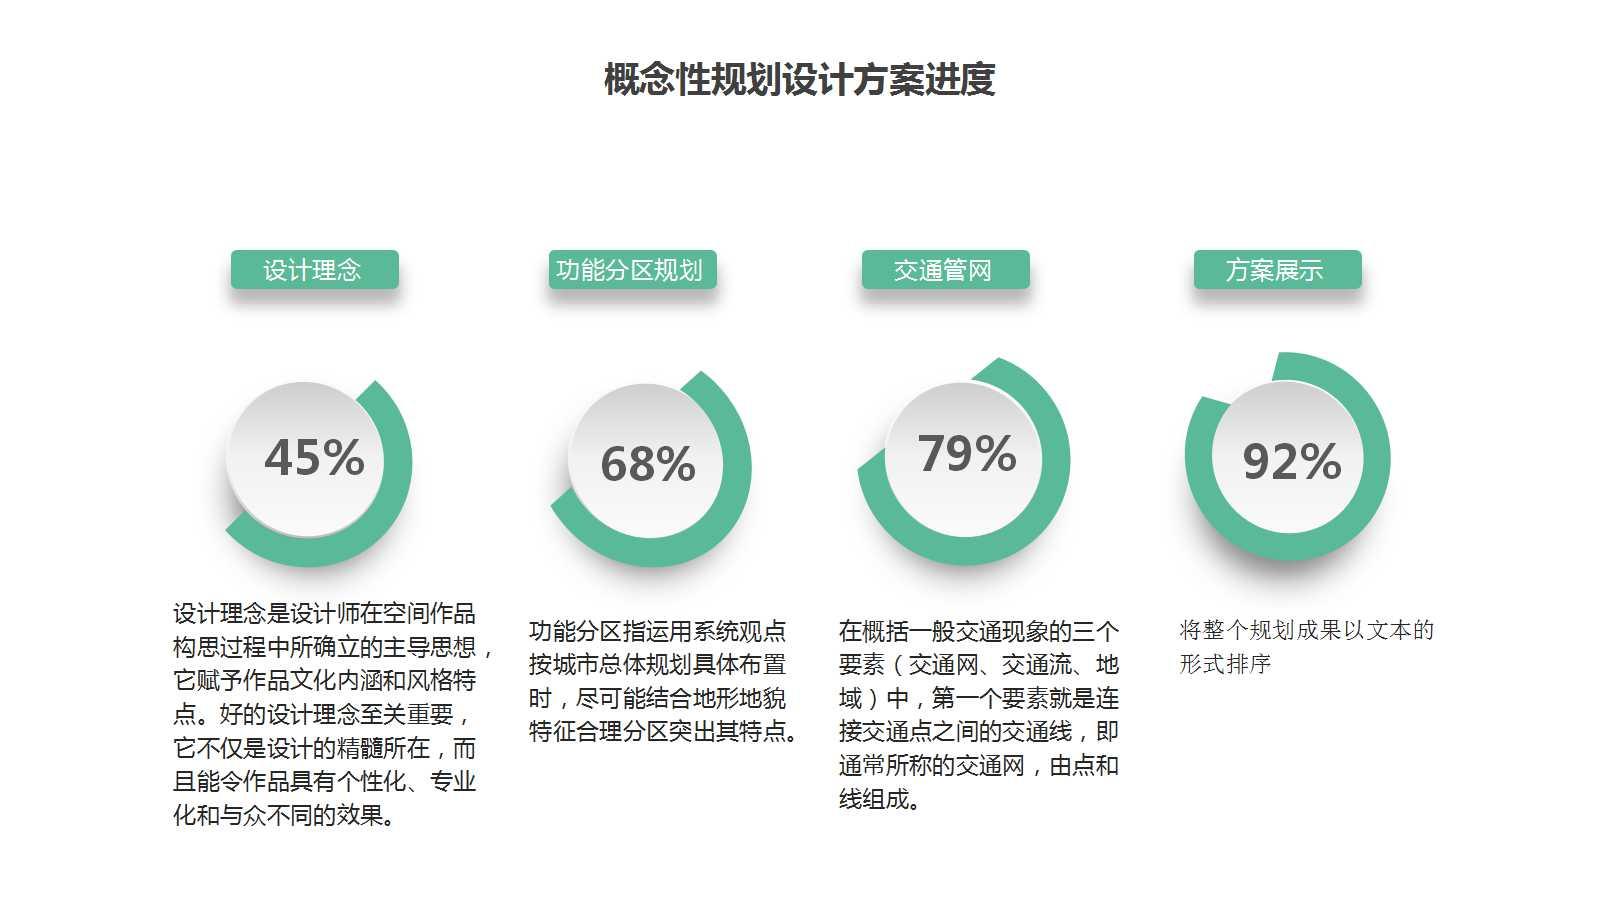 丽江玉龙专业做景区规划设计实地考察